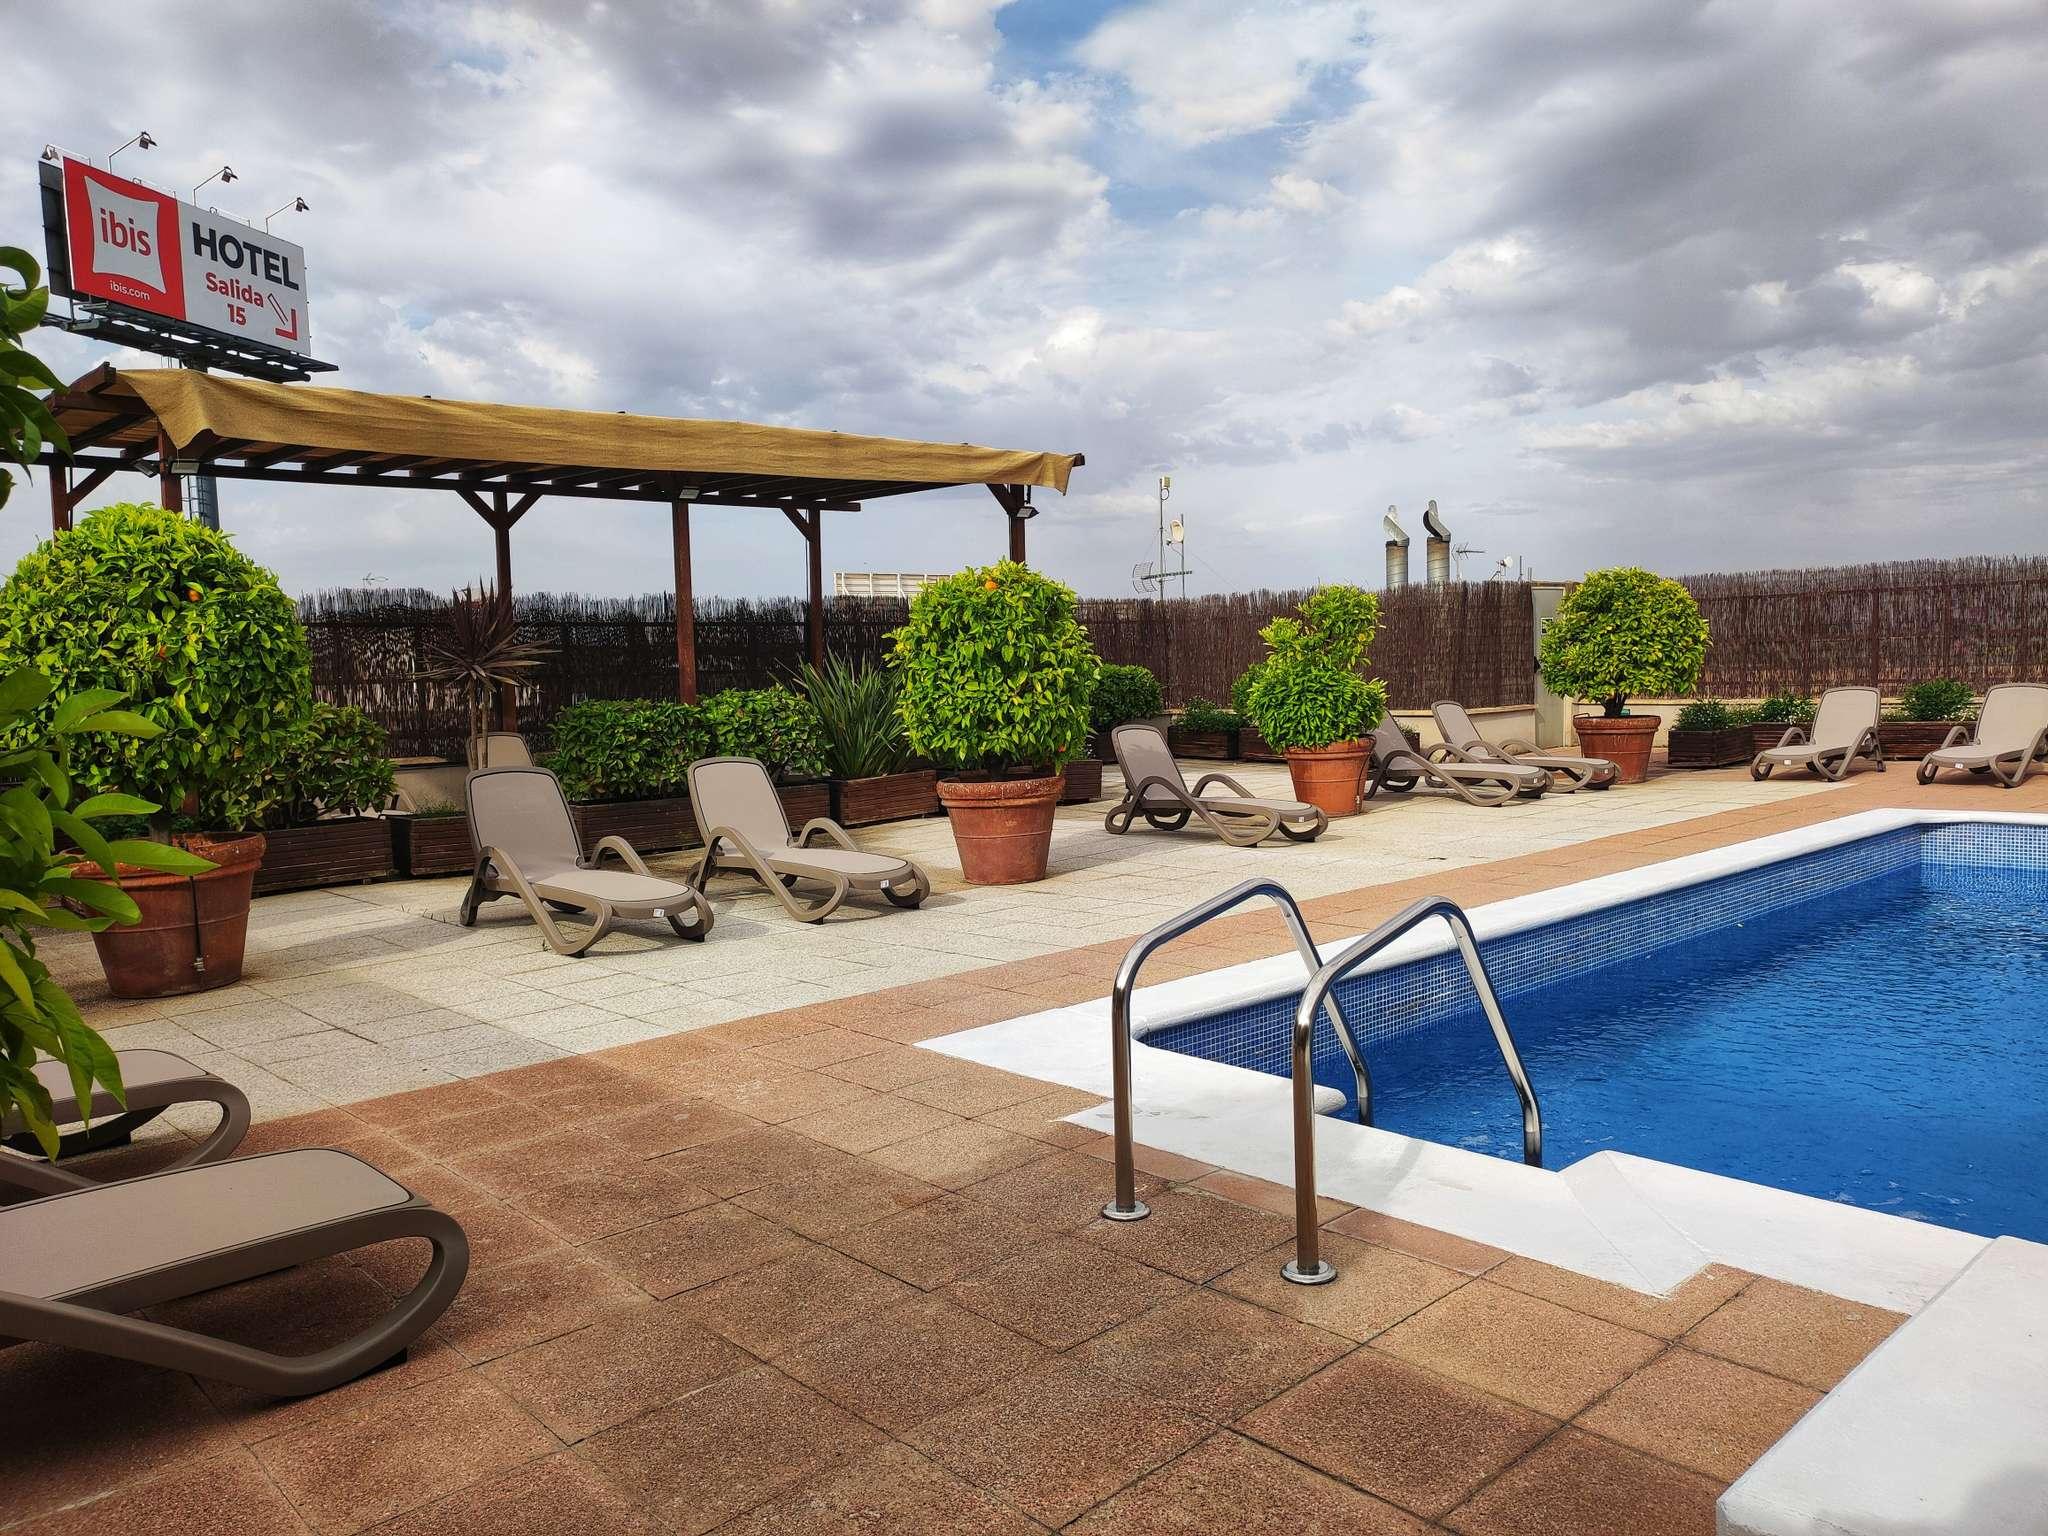 Hotel in GRANADA Book your economic ibis hotel in Granada